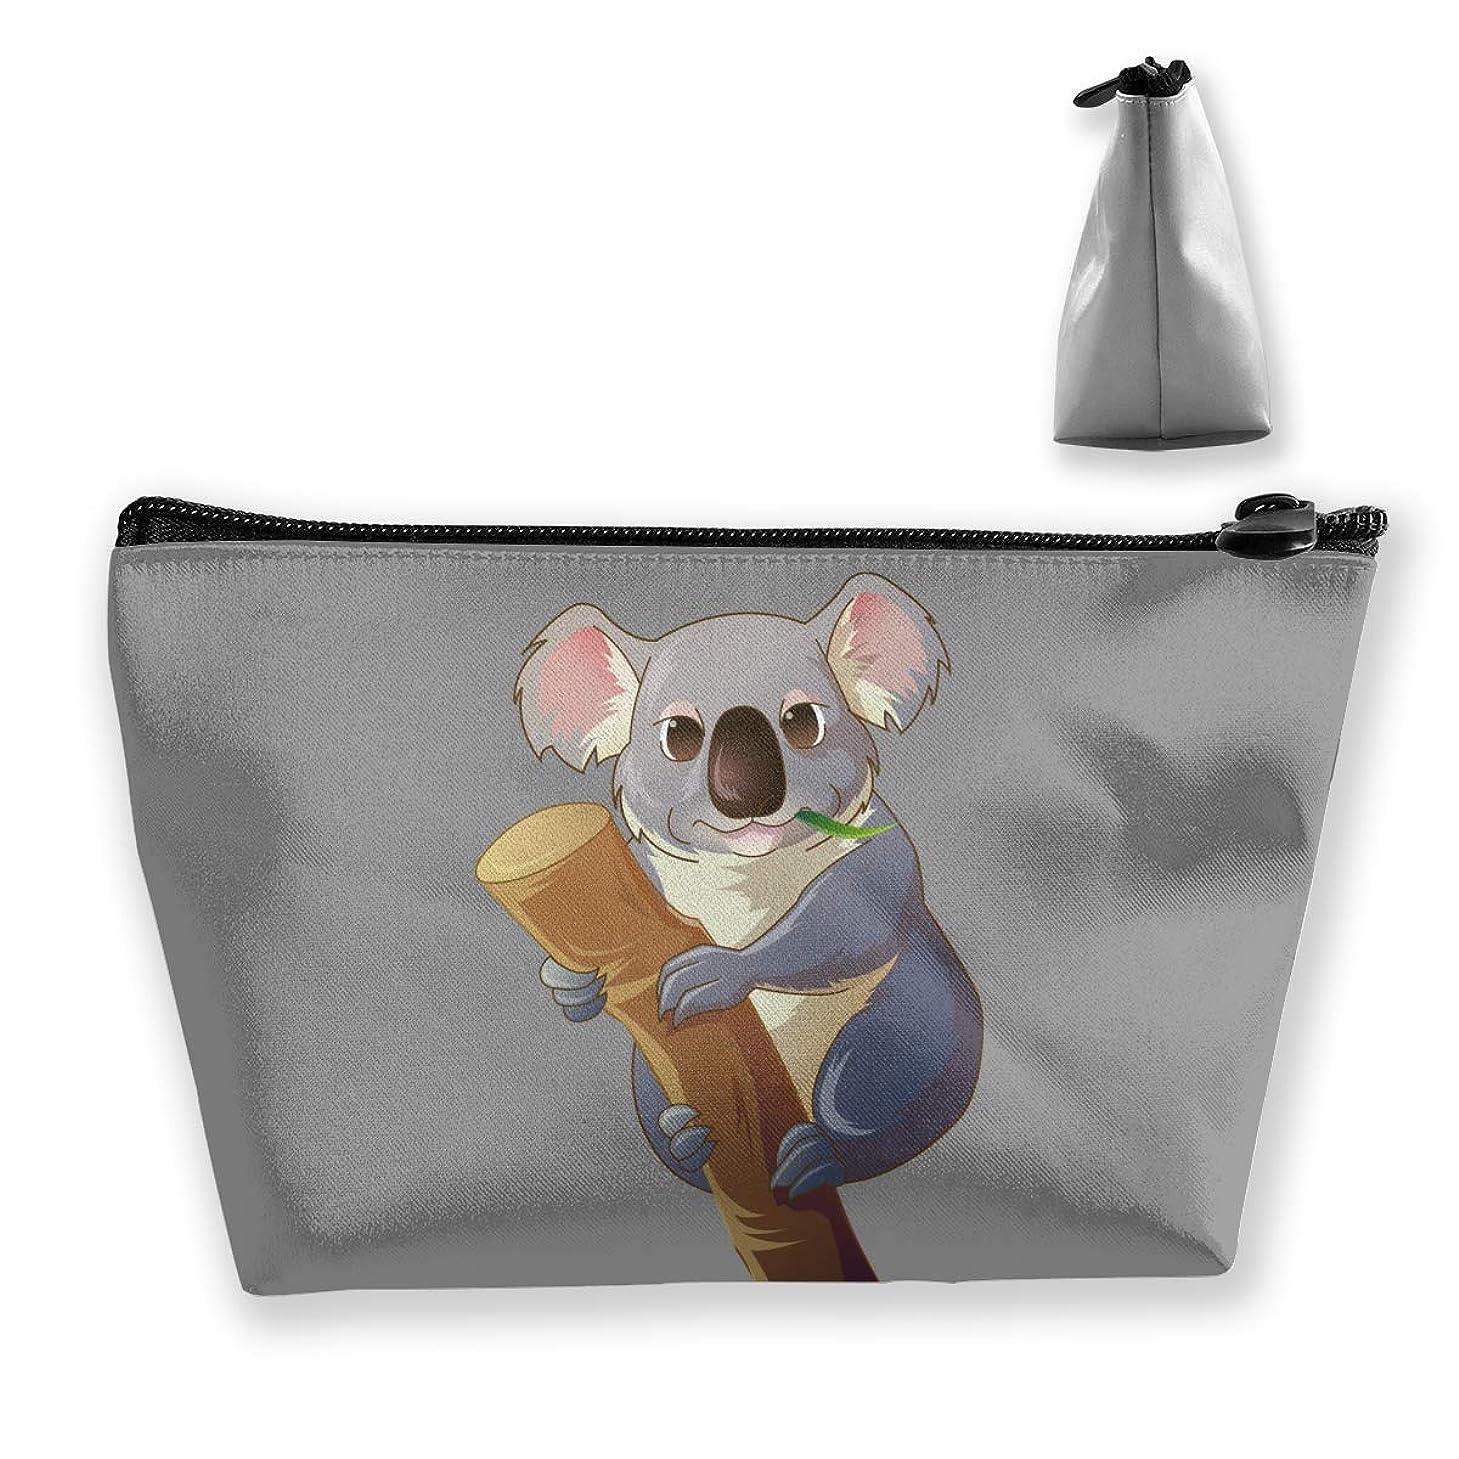 単なる歩行者擬人コアラ ペンケース文房具バッグ大容量ペンケース化粧品袋収納袋男の子と女の子多機能浴室シャワーバッグ旅行ポータブルストレージバッグ